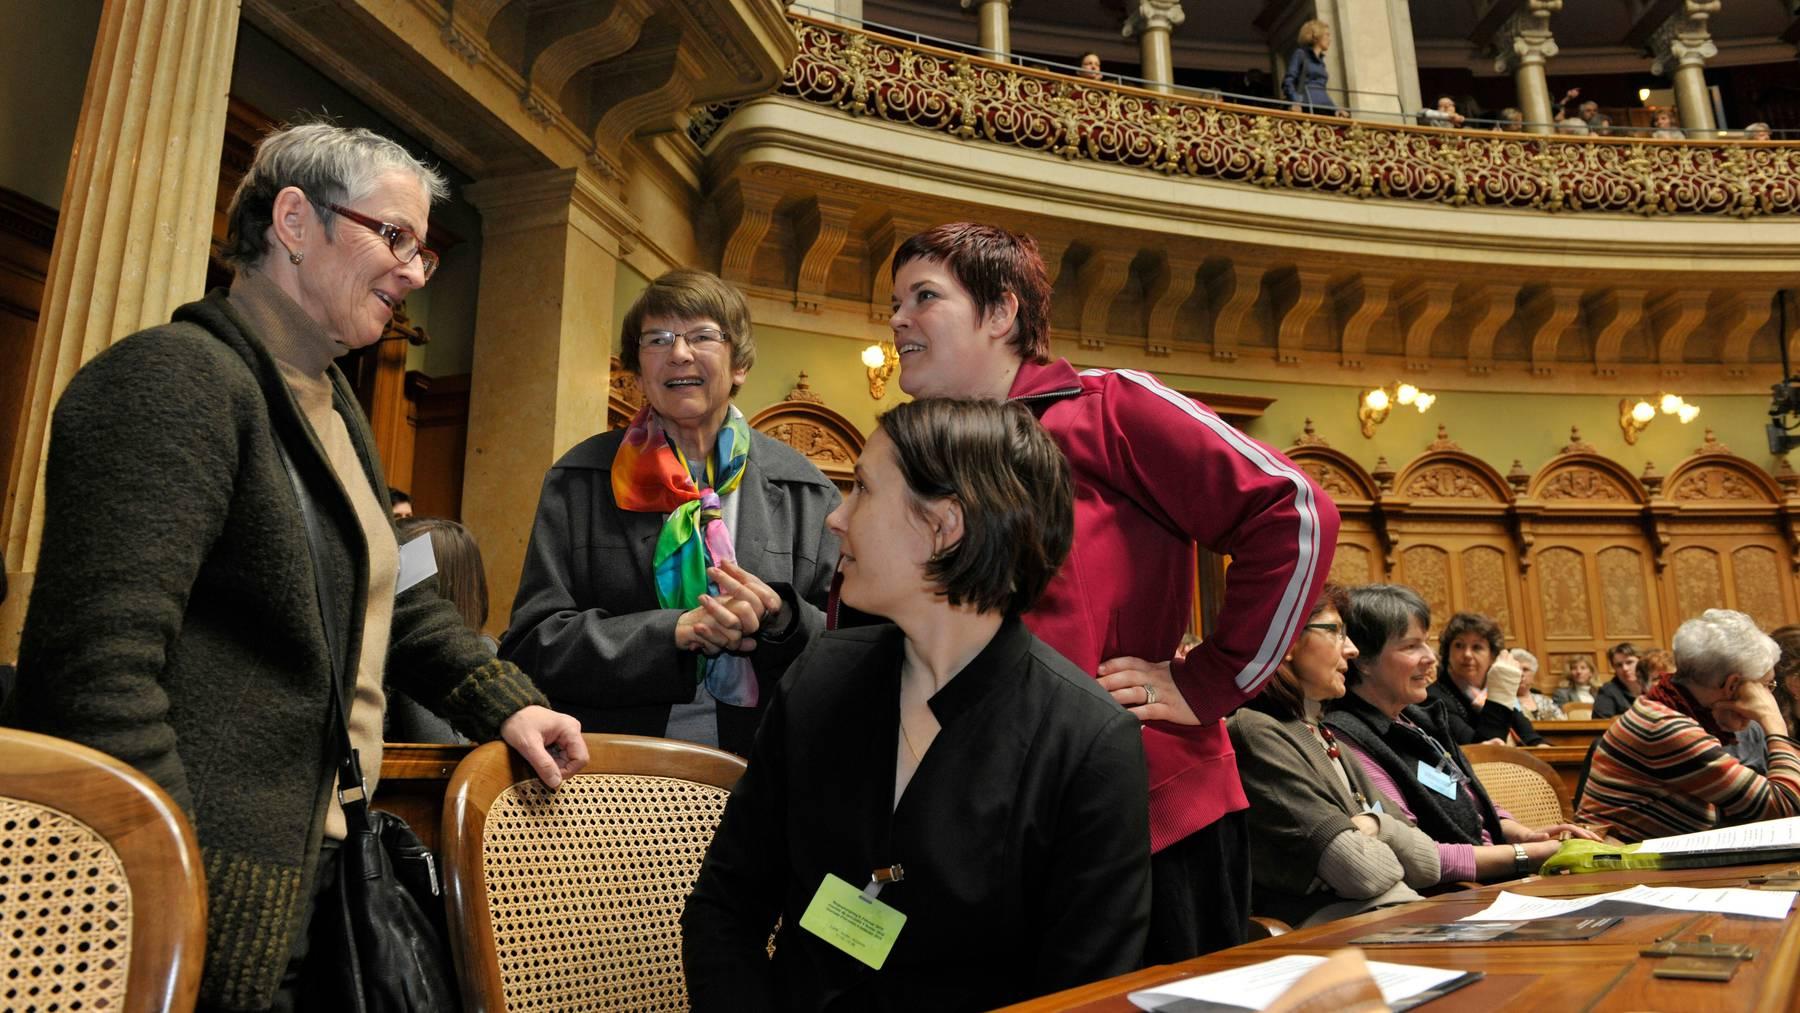 Annemarie Heiniger übernimmt mit Ursula Nakamura-Stoecklin (Mitte) für drei Jahre das Präsidium des Schweizerischen Verbands für Frauenrechte.